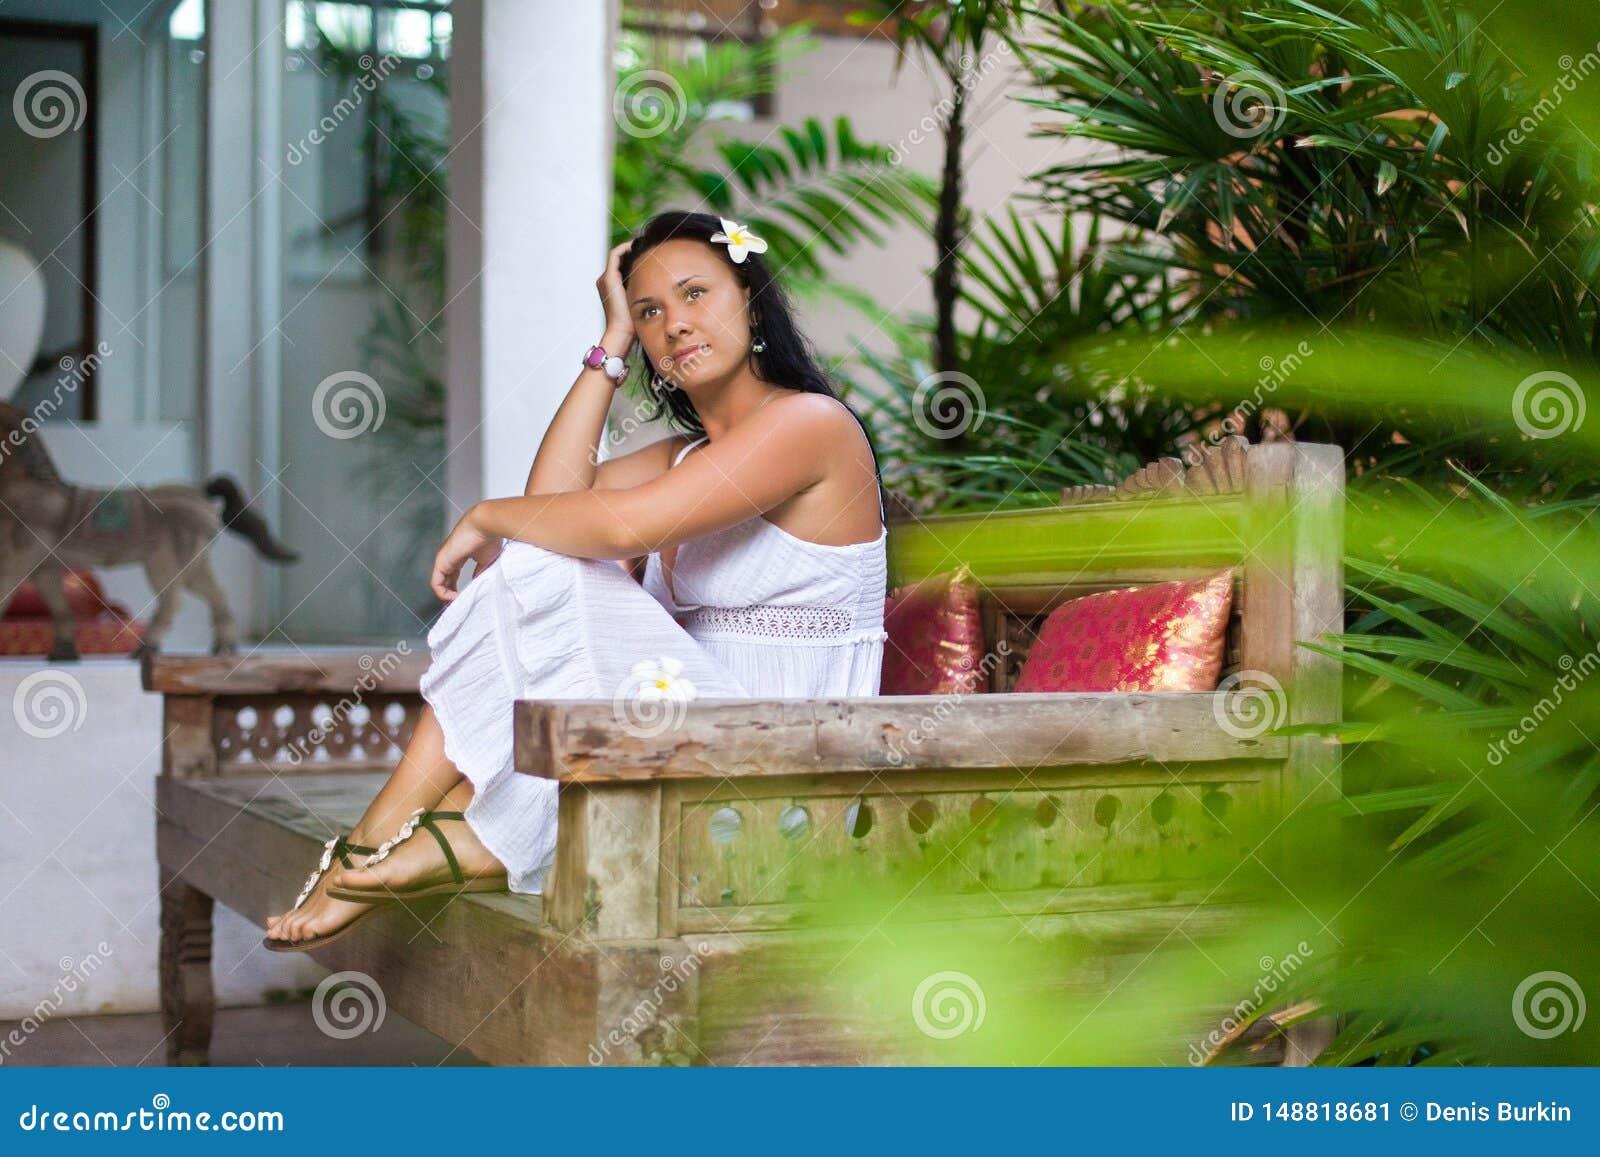 Mooie jonge vrouw in witte kleding die op uitstekende bank in tuin rusten Reis en de zomerconcept